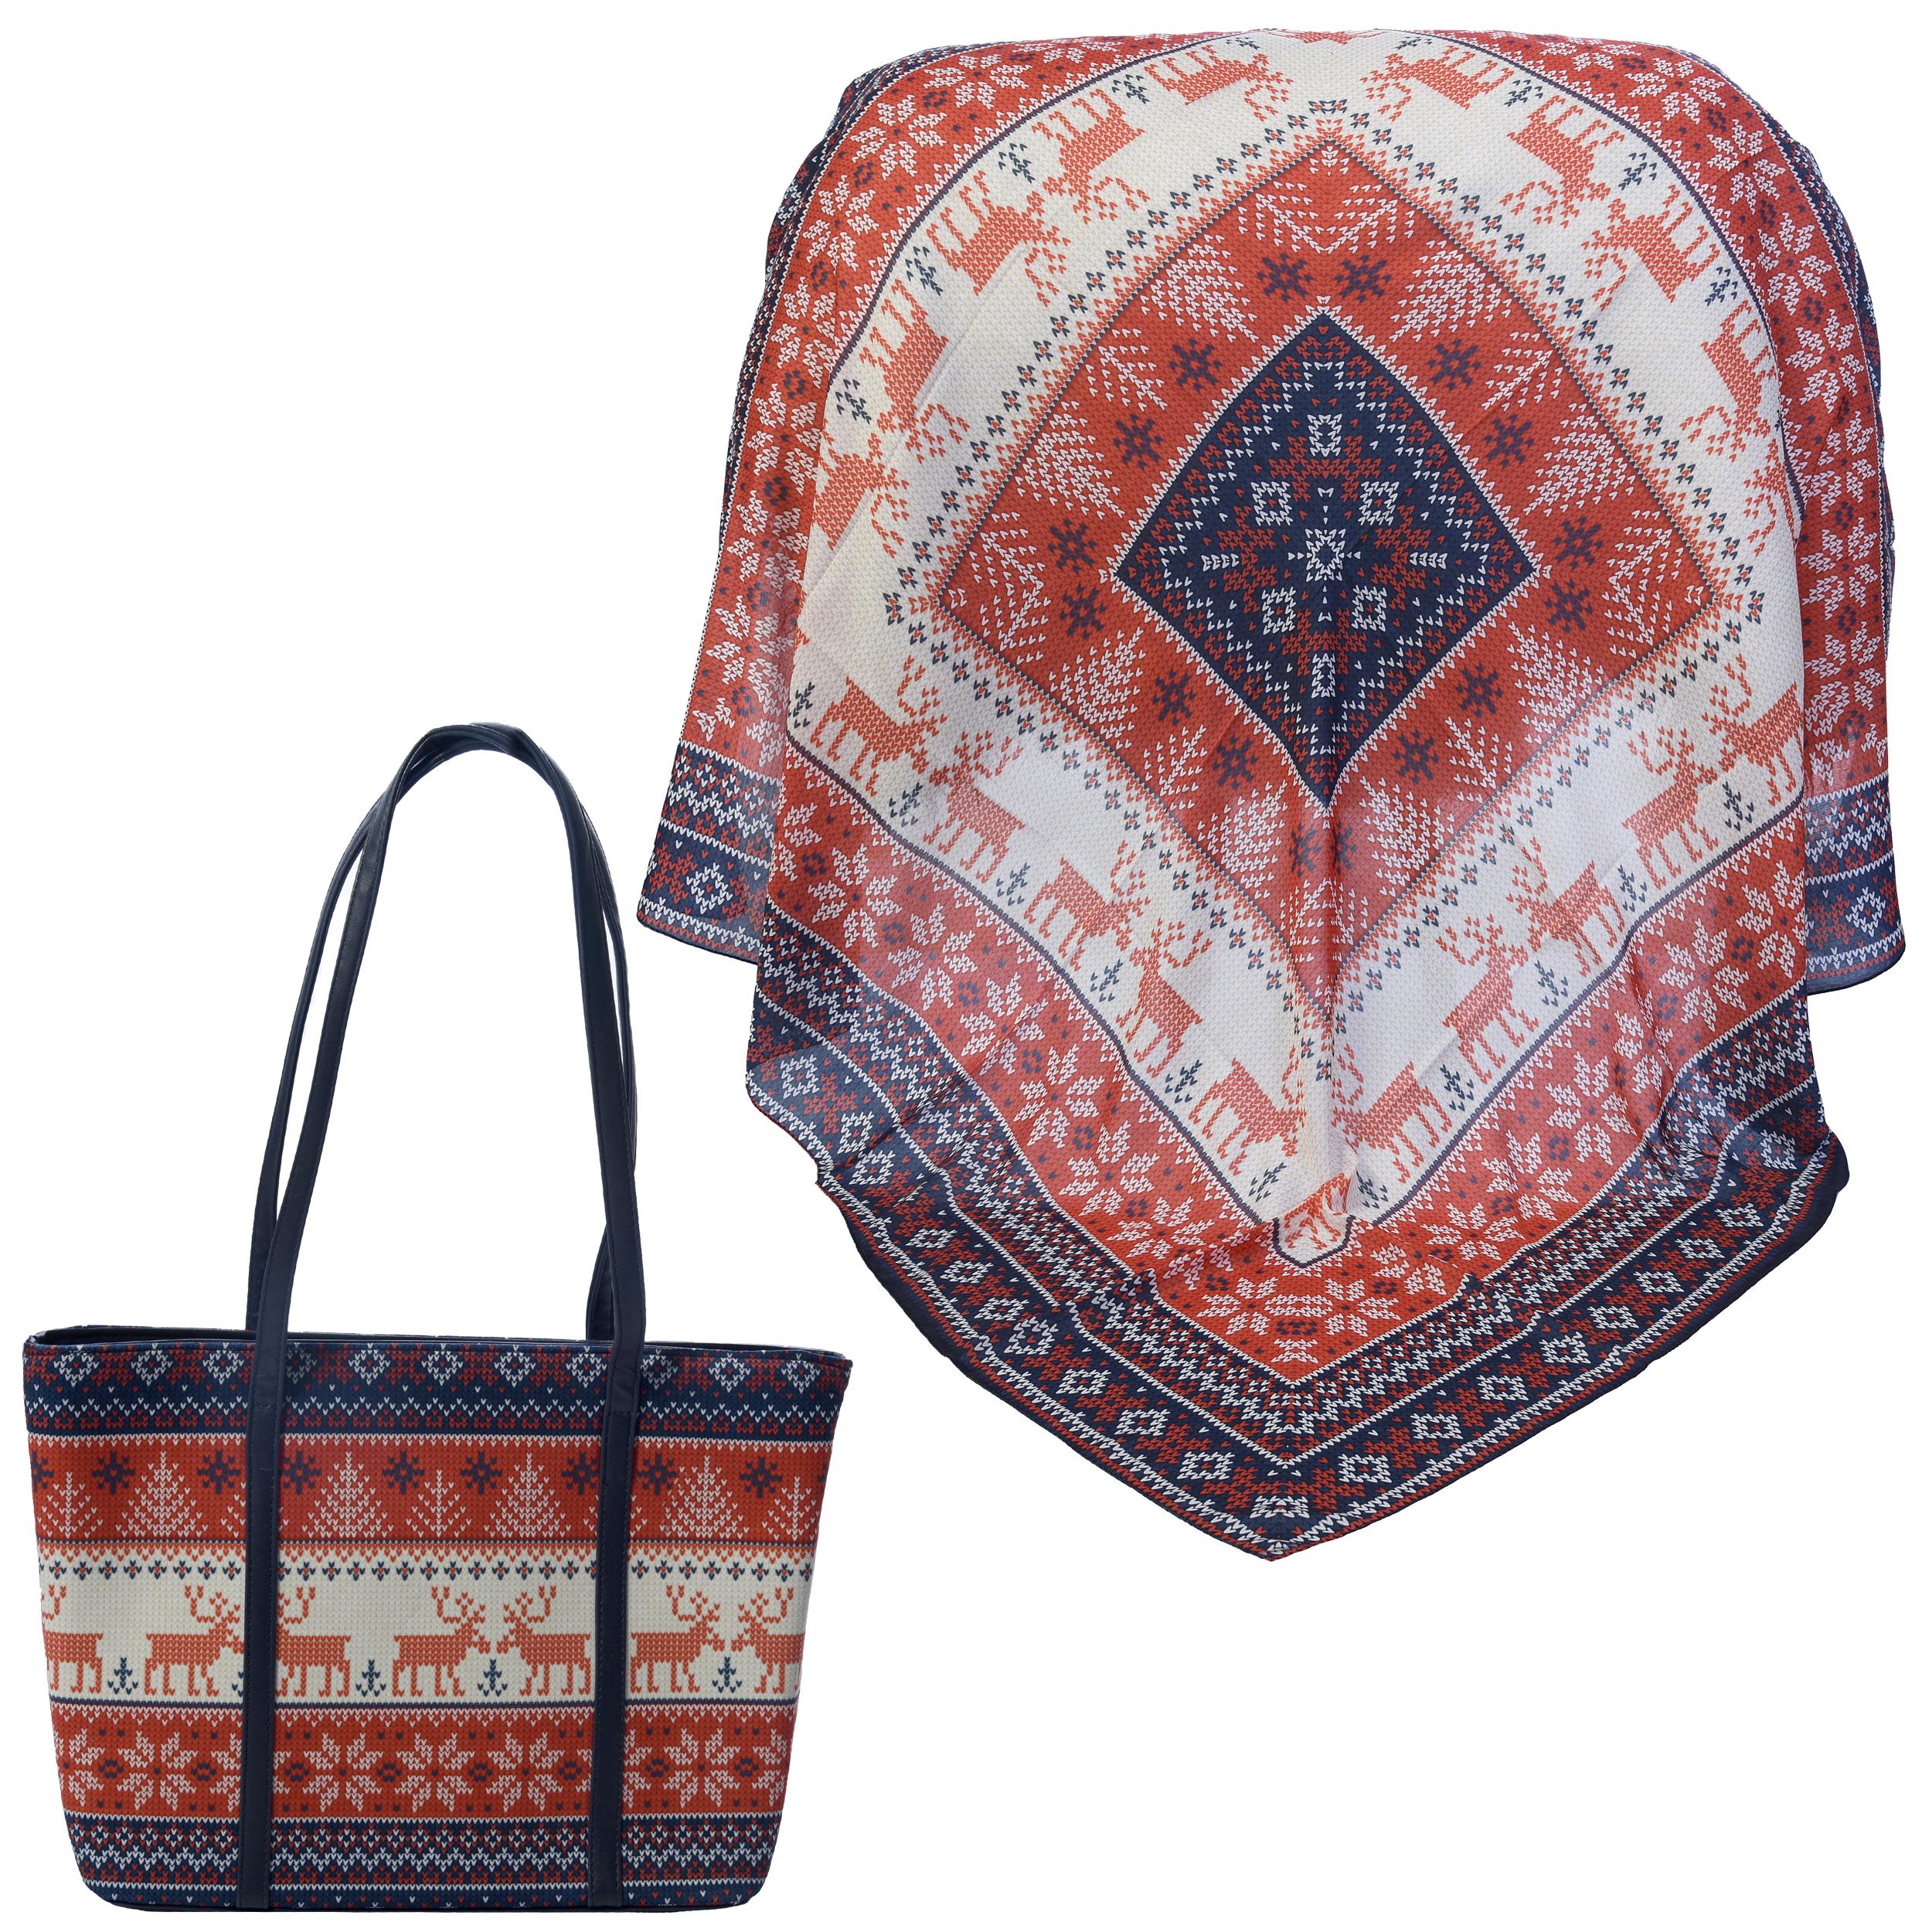 ست کیف و روسری زنانه کد 980908-T1